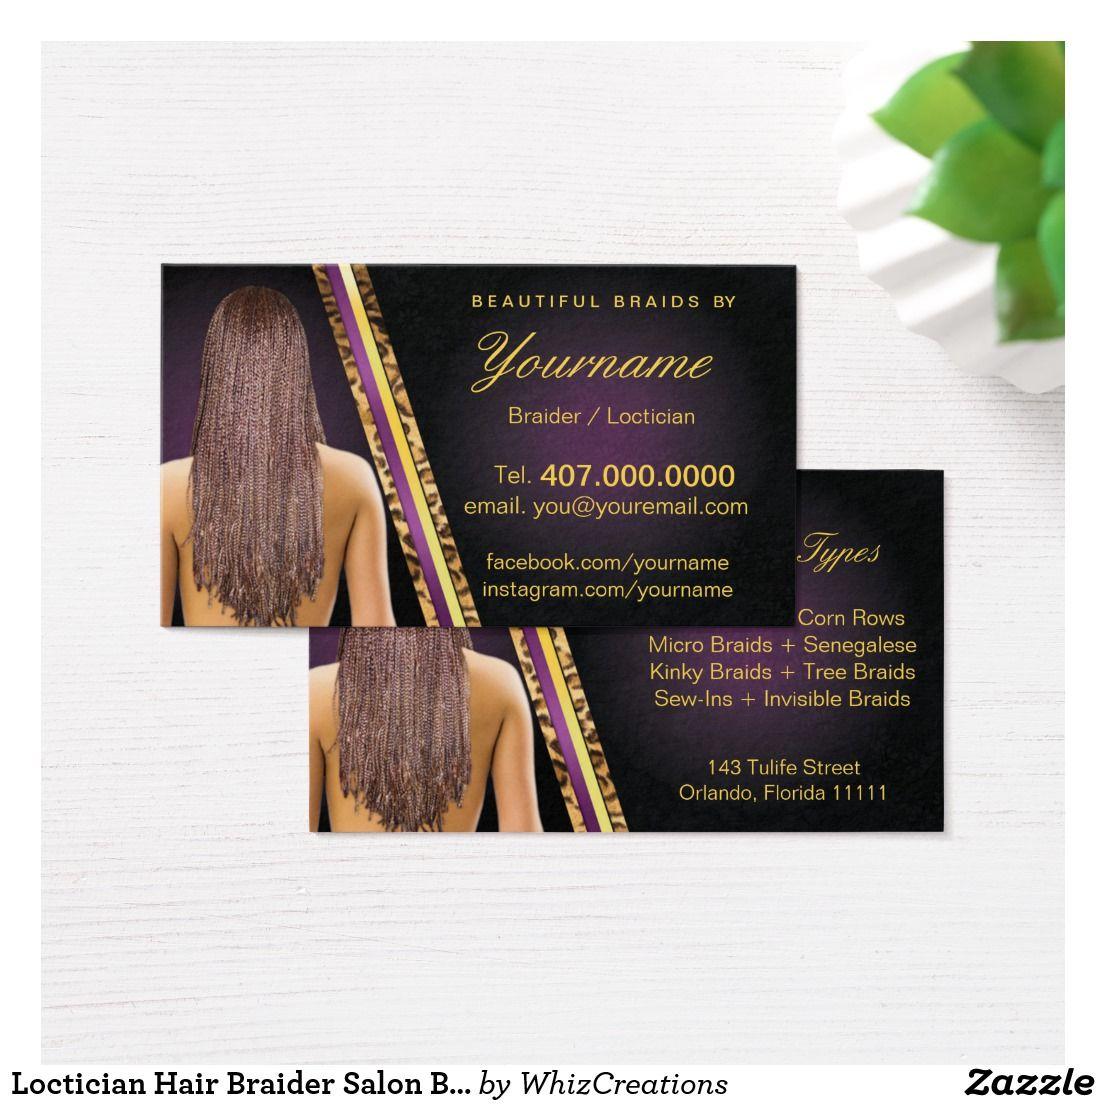 Loctician Hair Braider Salon Braids Business Card | Pinterest | Hair ...